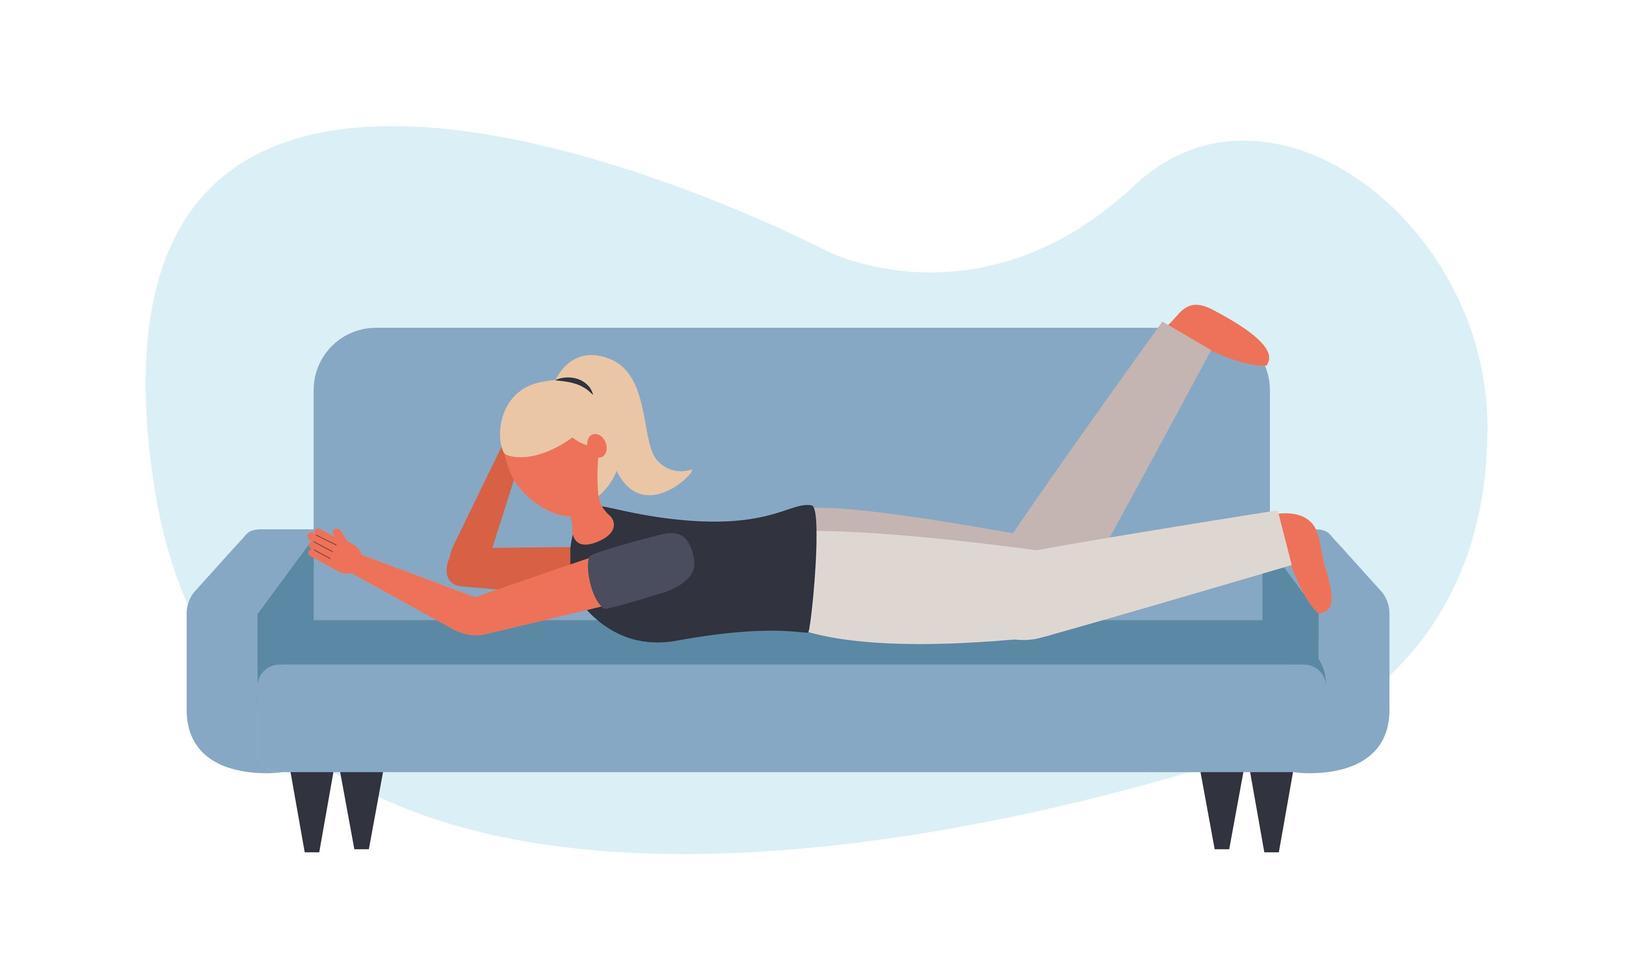 mulher no sofá em casa desenho vetorial vetor